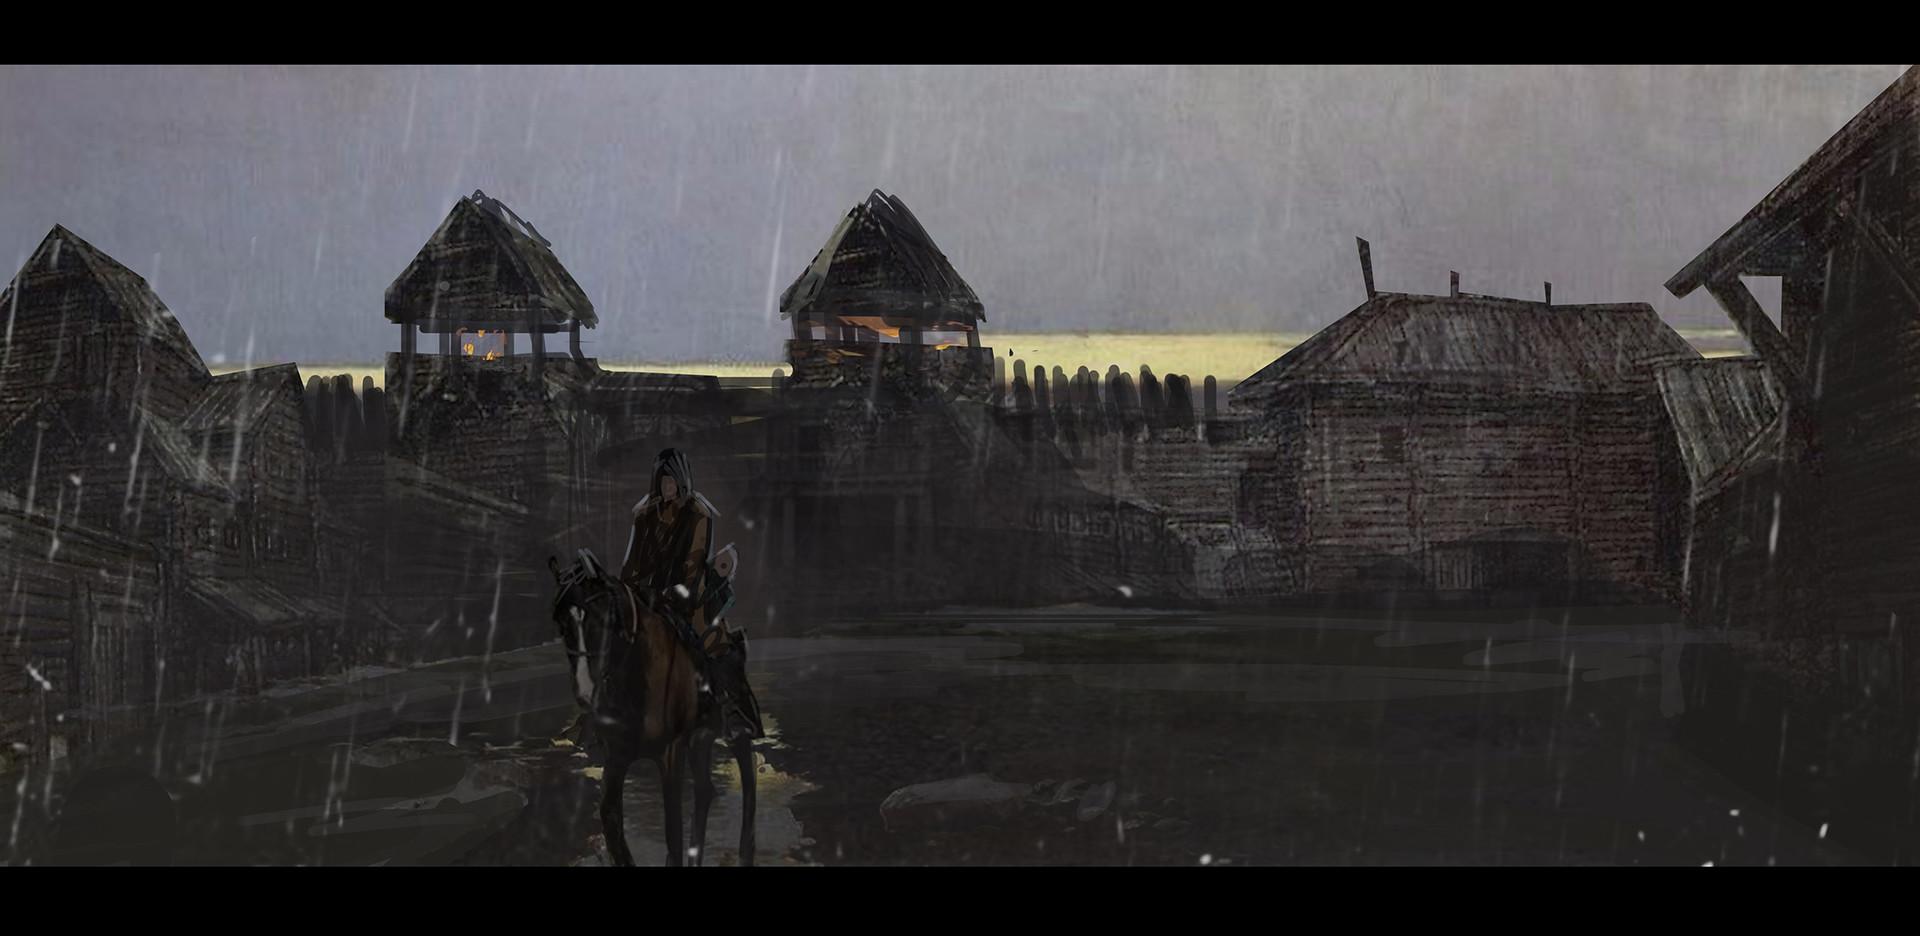 Andrei riabovitchev th vlx inside town v001 002 ar